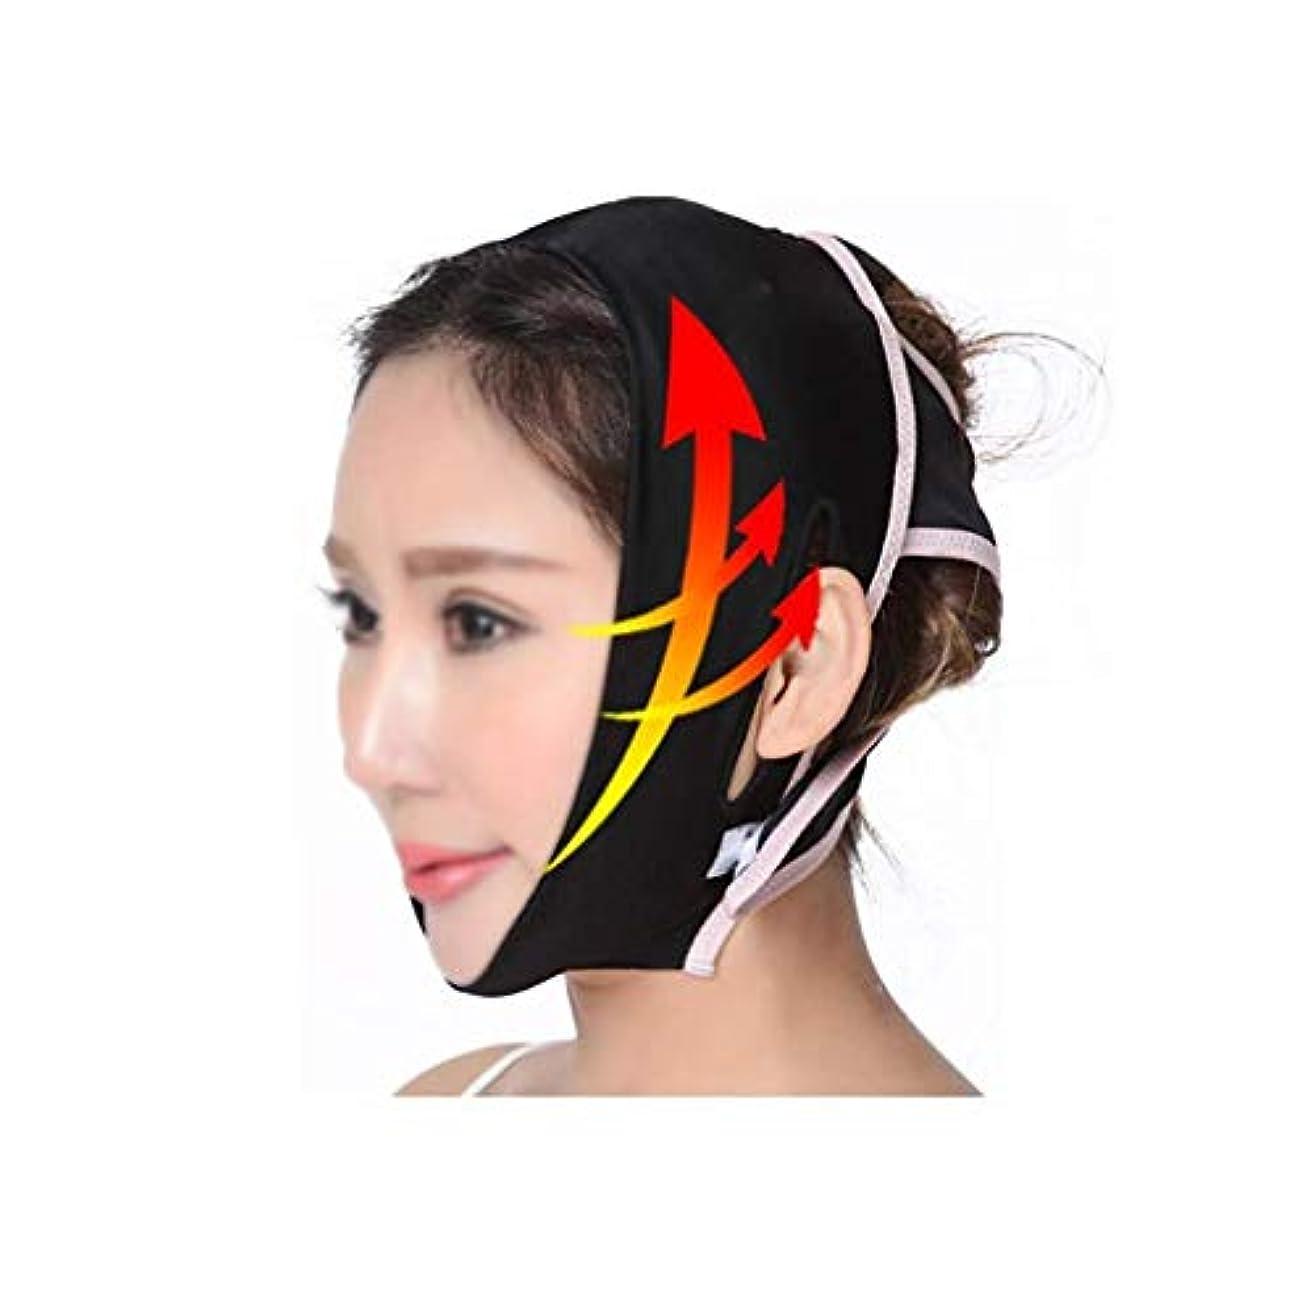 変化保存実際のフェイスリフトマスク、フェイシャルマスク睡眠顔整形顔包帯顔リフティングV顔顔アーティファクト回復通気性ネックストラップ(サイズ:M)